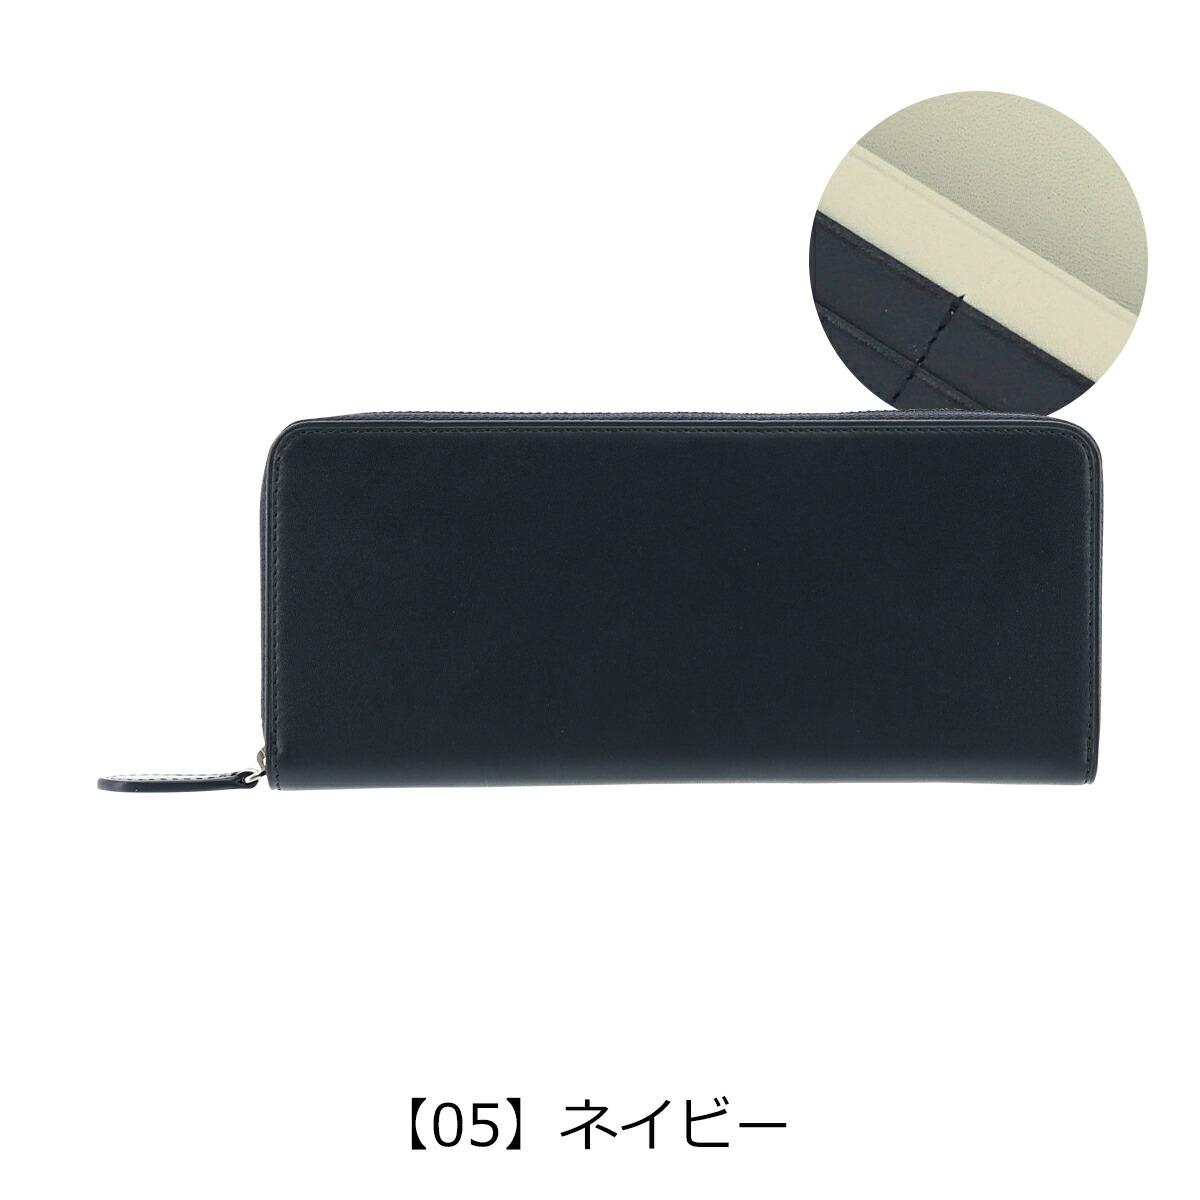 【05】ネイビー